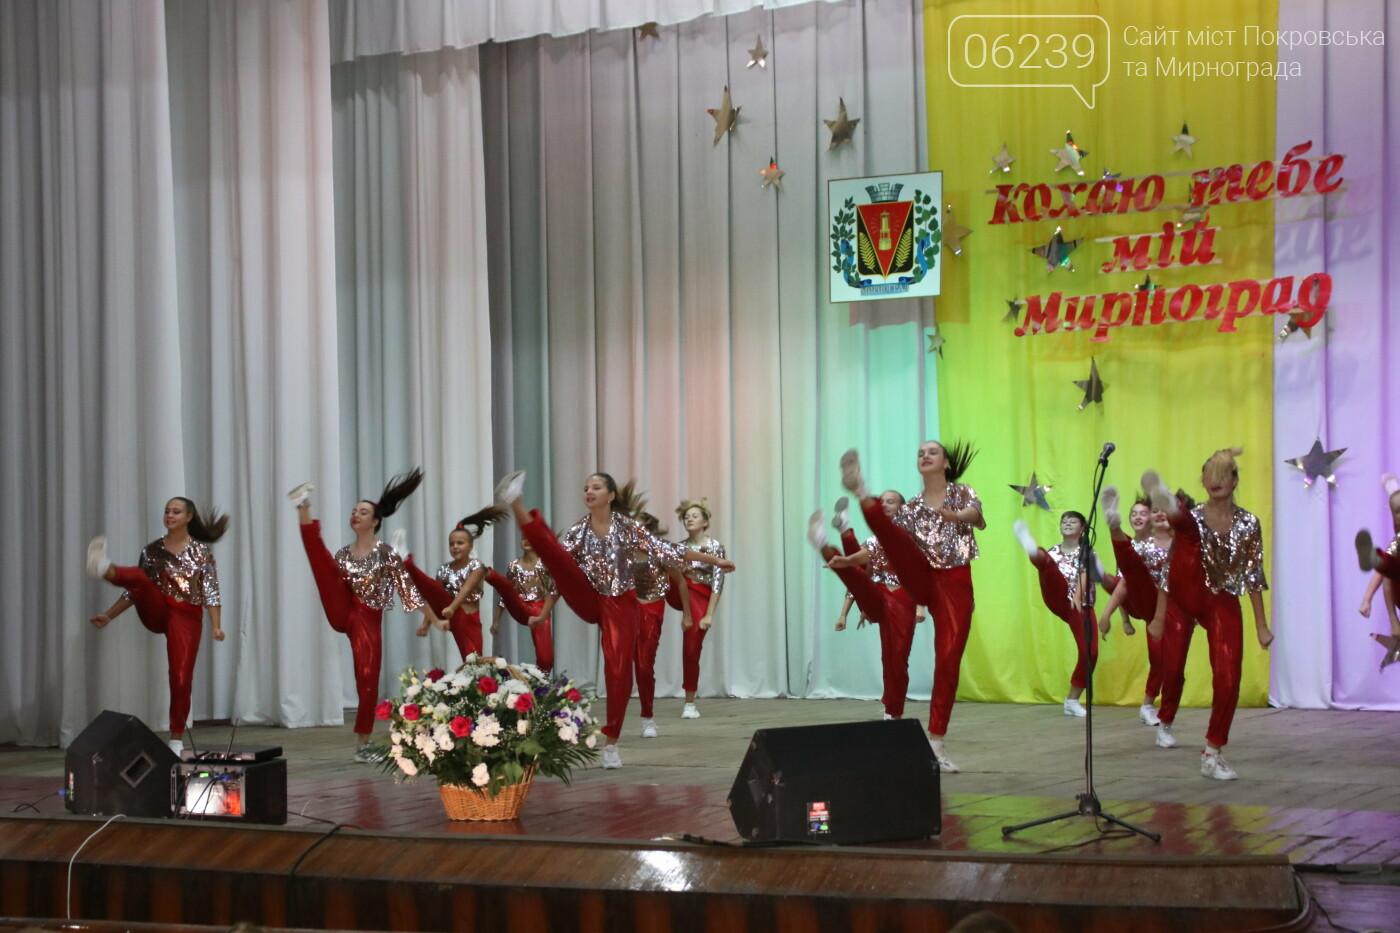 Жителей Мирнограда поздравили с Днем шахтера и Днем города, фото-13